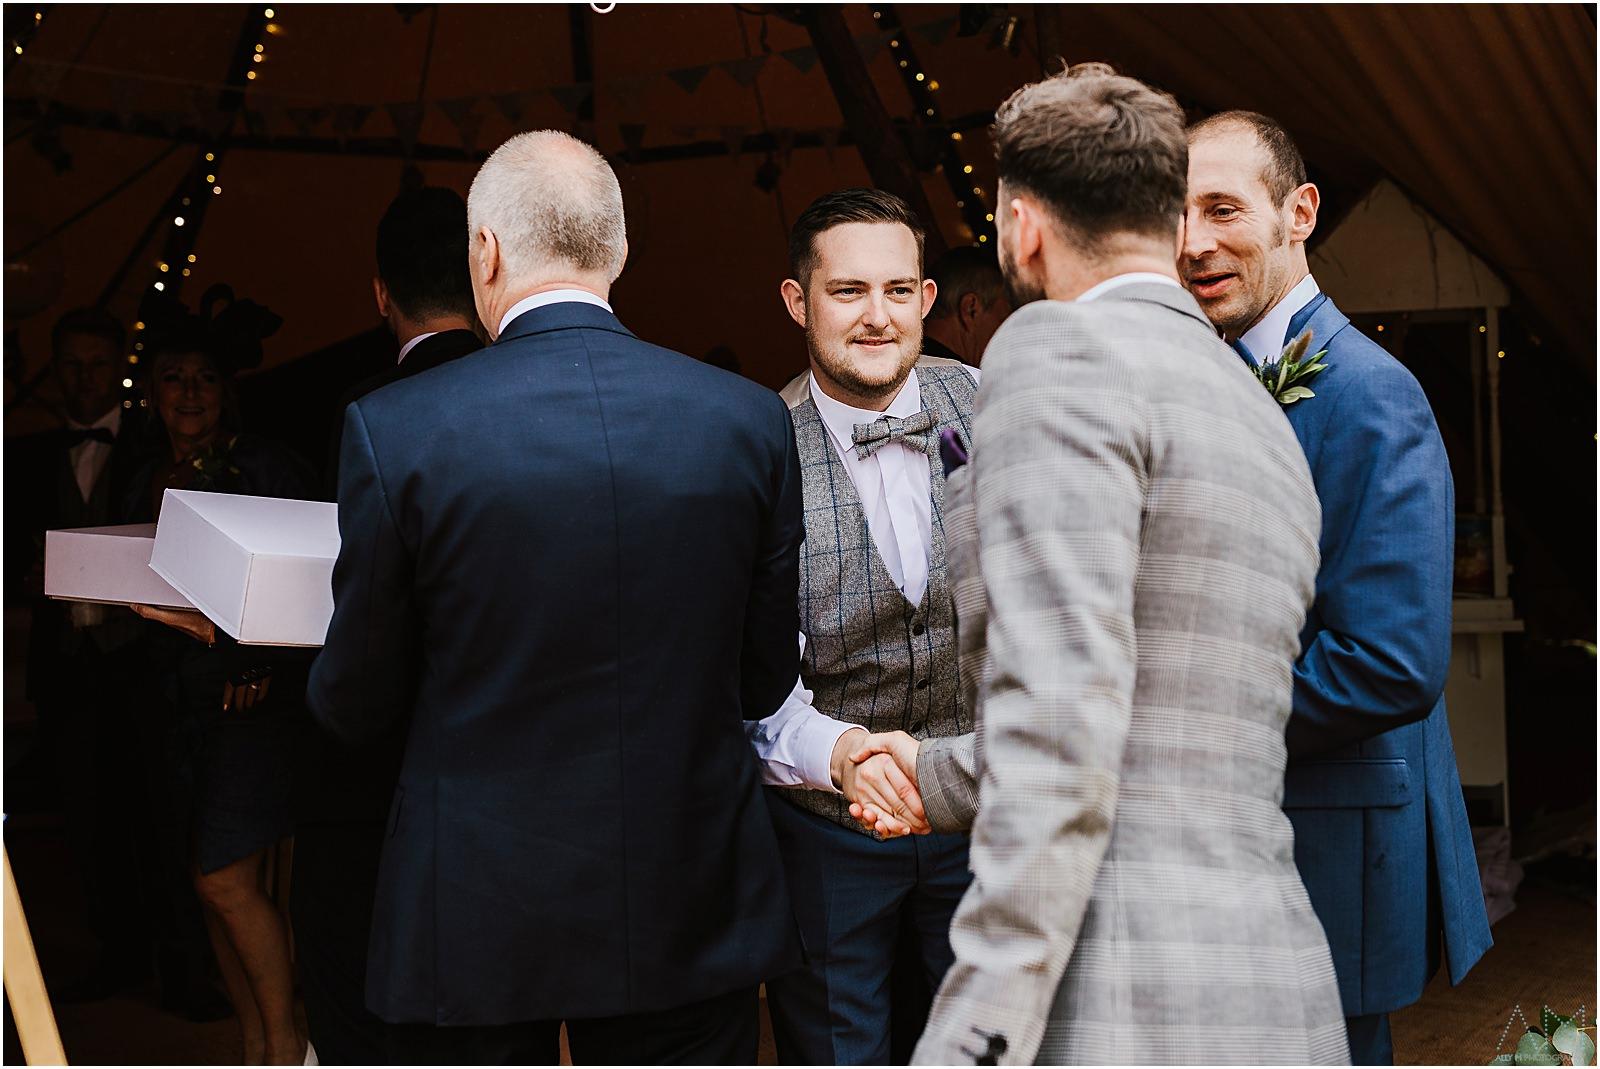 Groom greeting wedding guests